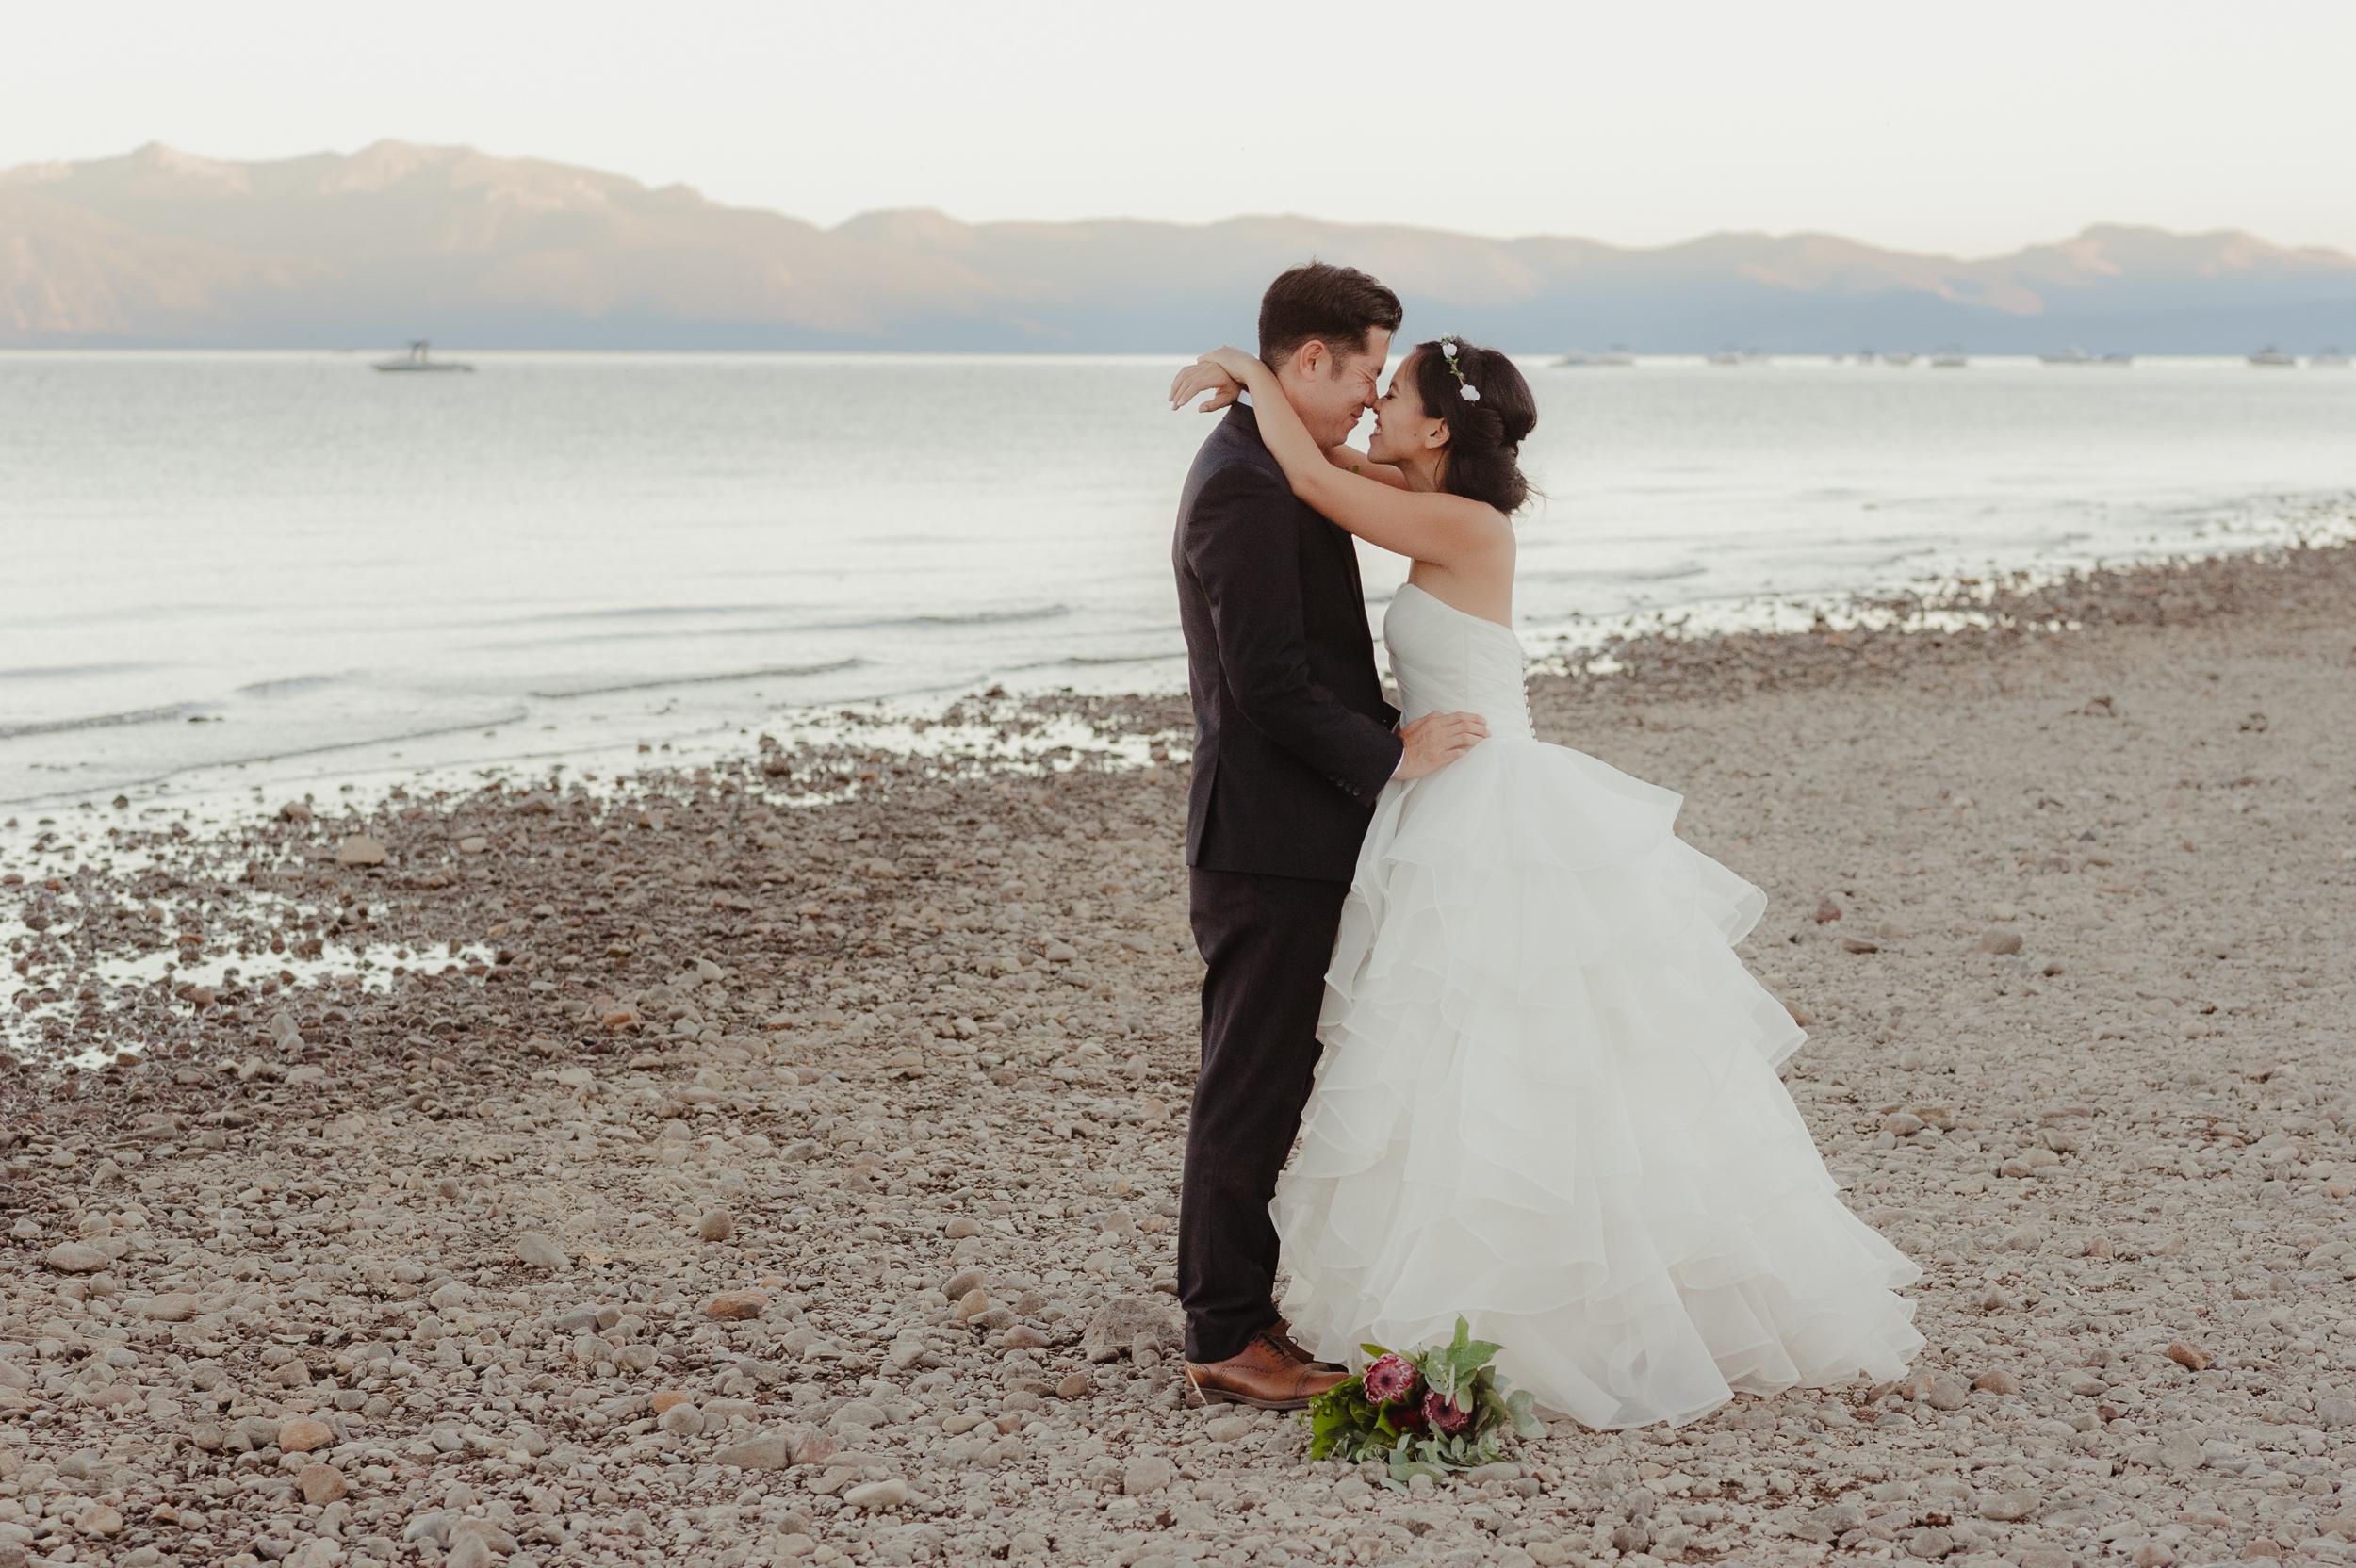 lake-tahoe-destination-wedding-vivianchen-74.jpg